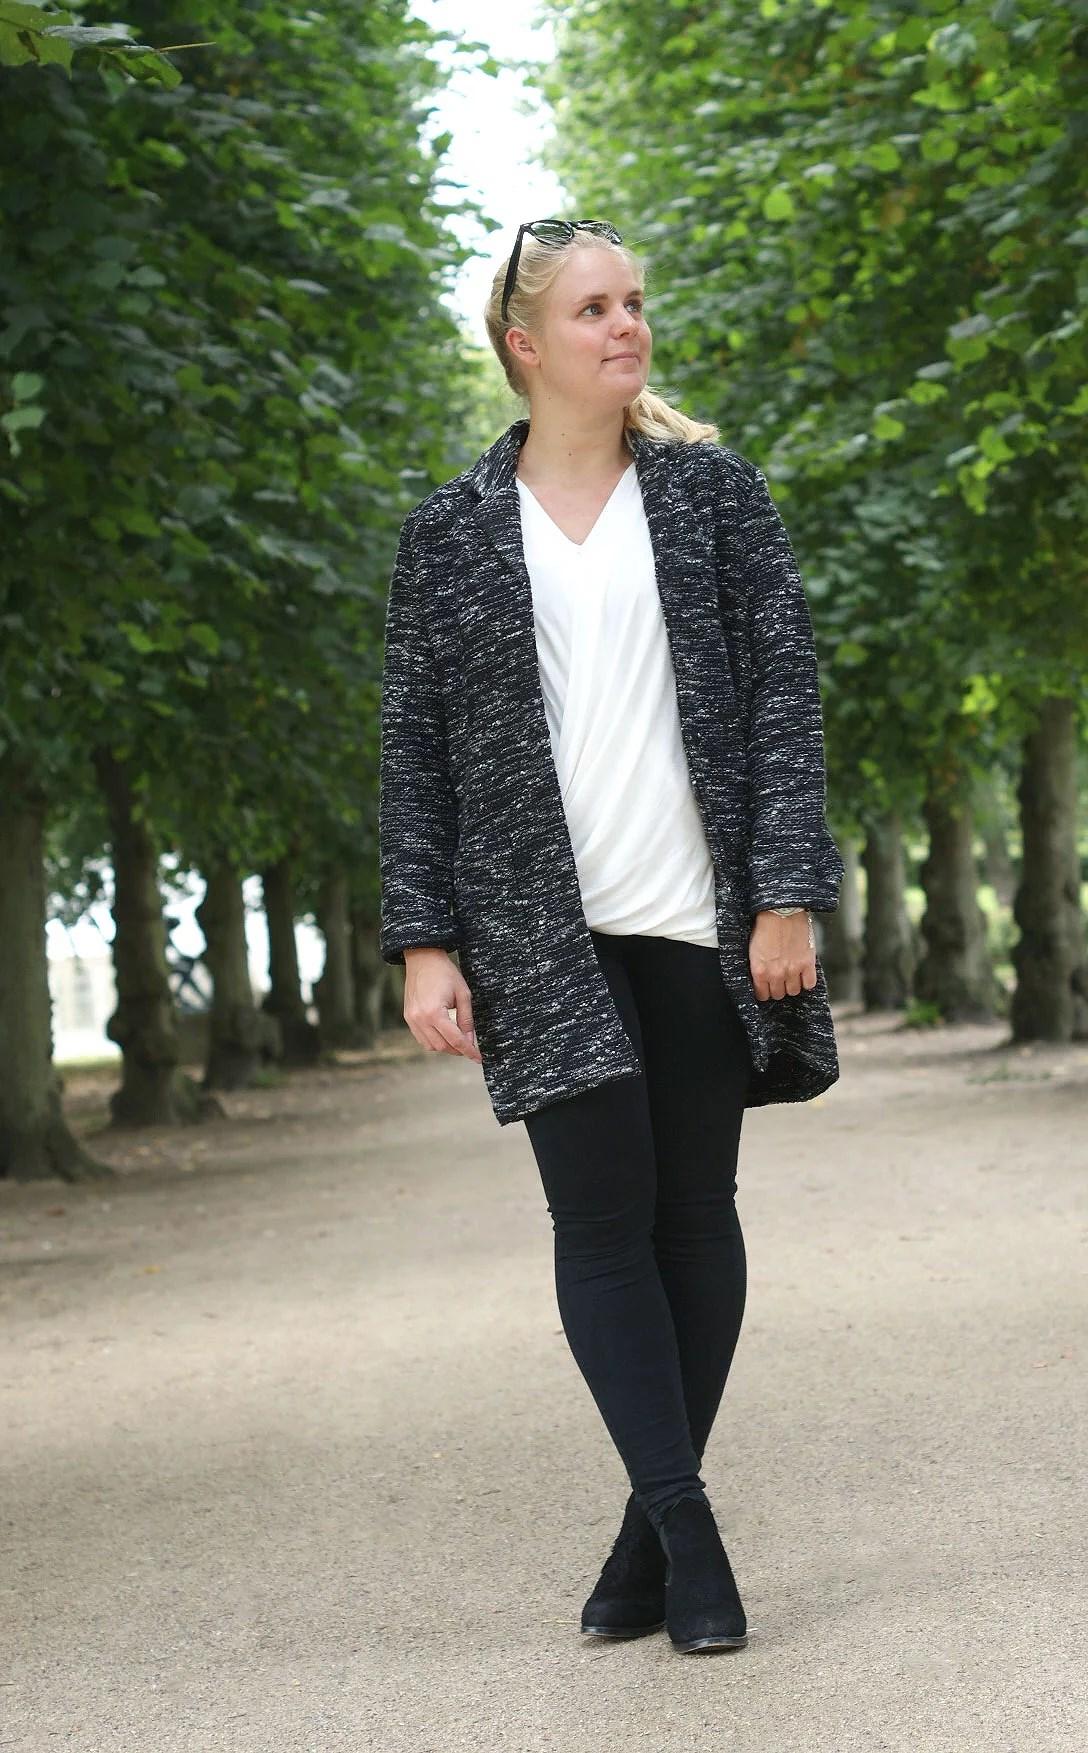 Dansk modeblogger-itsmypassions